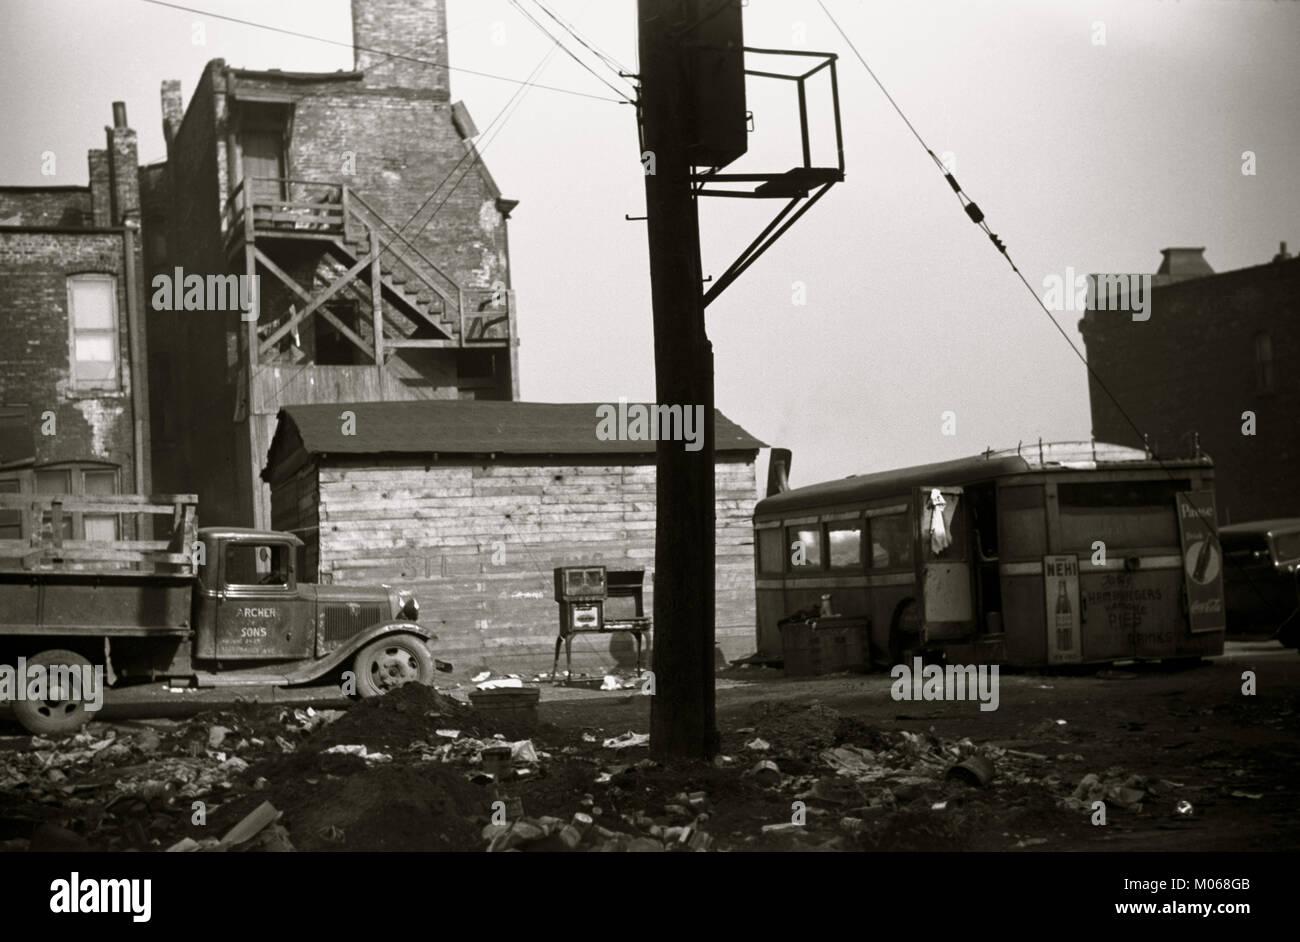 African American Scrap Yard - Stock Image